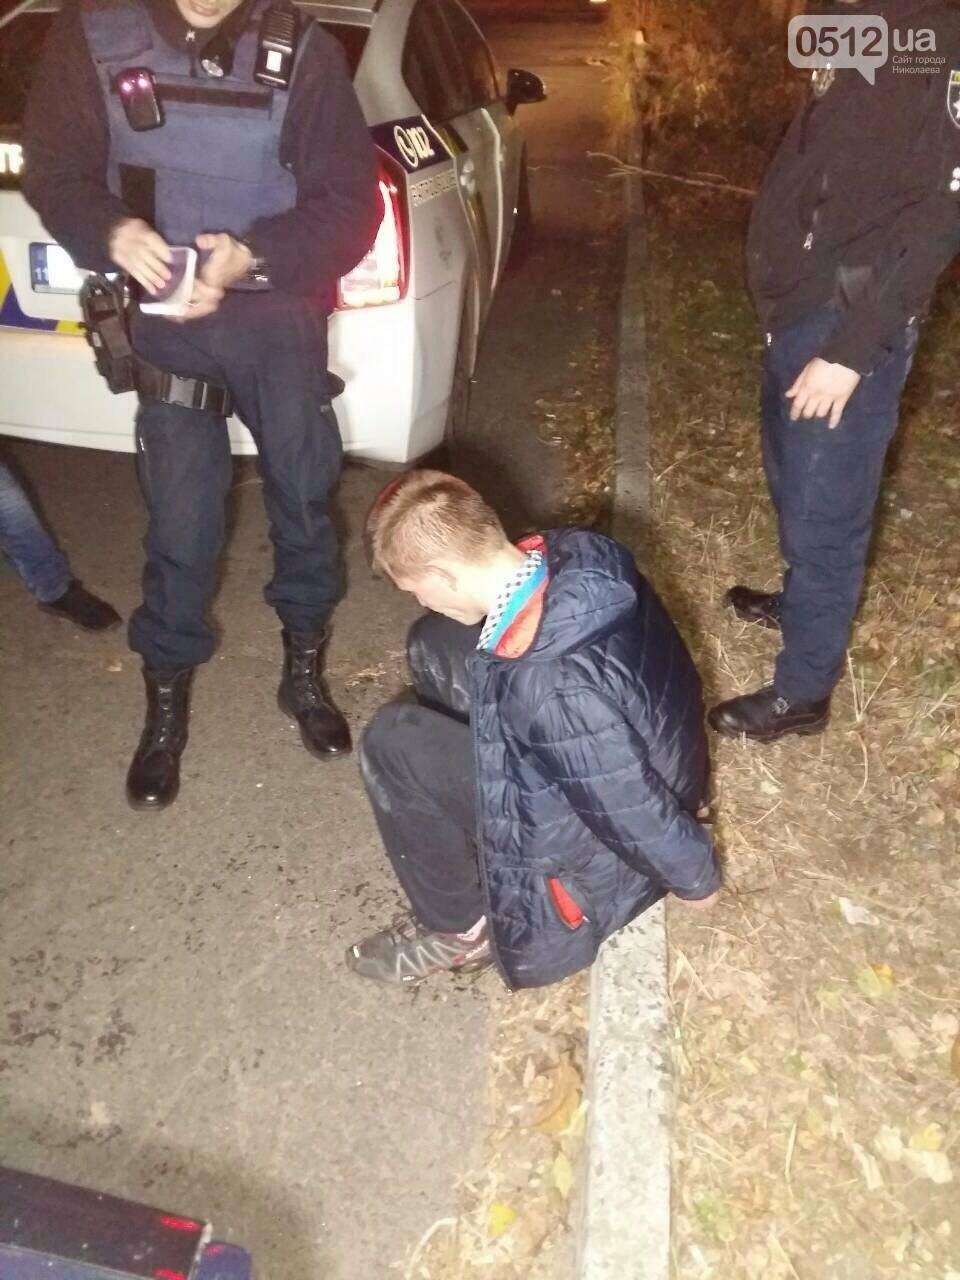 Ночью в Николаеве трое мужчин напали и ограбили снимавшего сюжет журналиста (ФОТО, ВИДЕО), фото-7